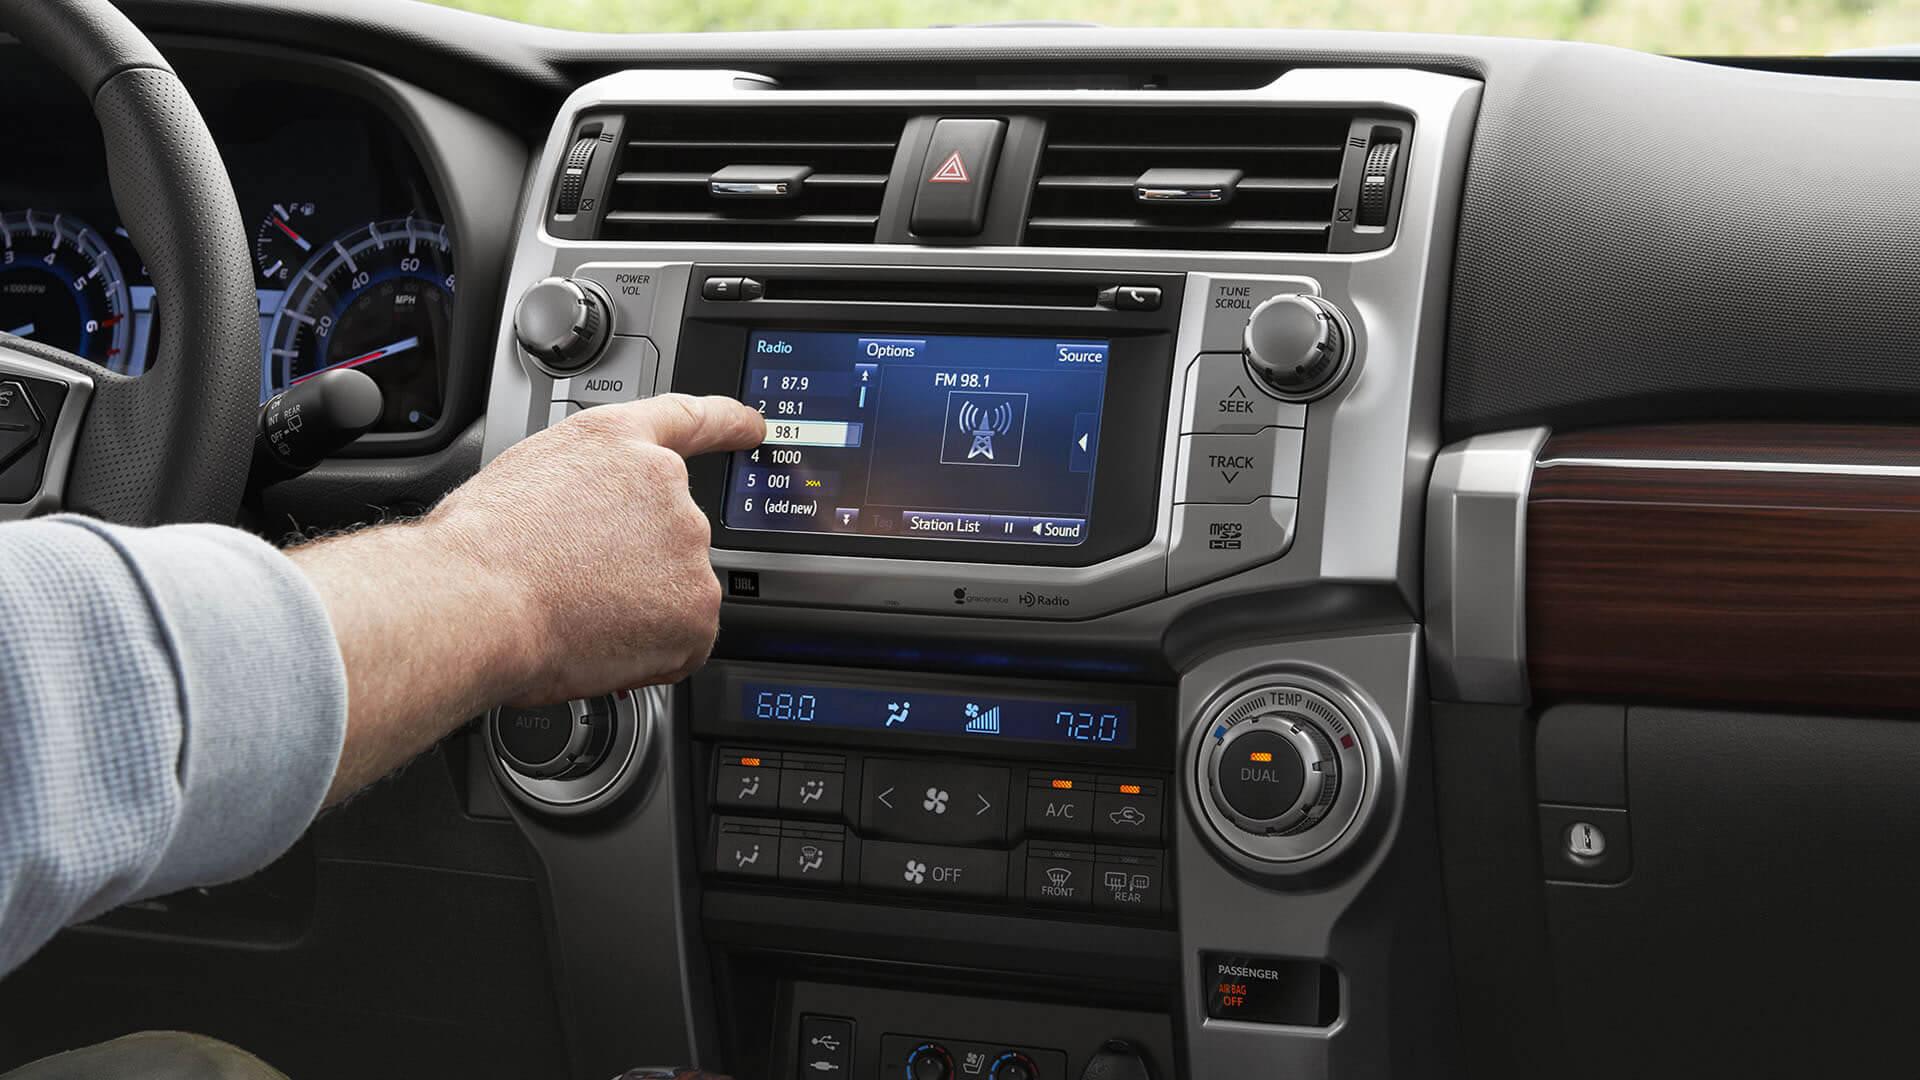 2016 Toyota 4Runner Touchscreen